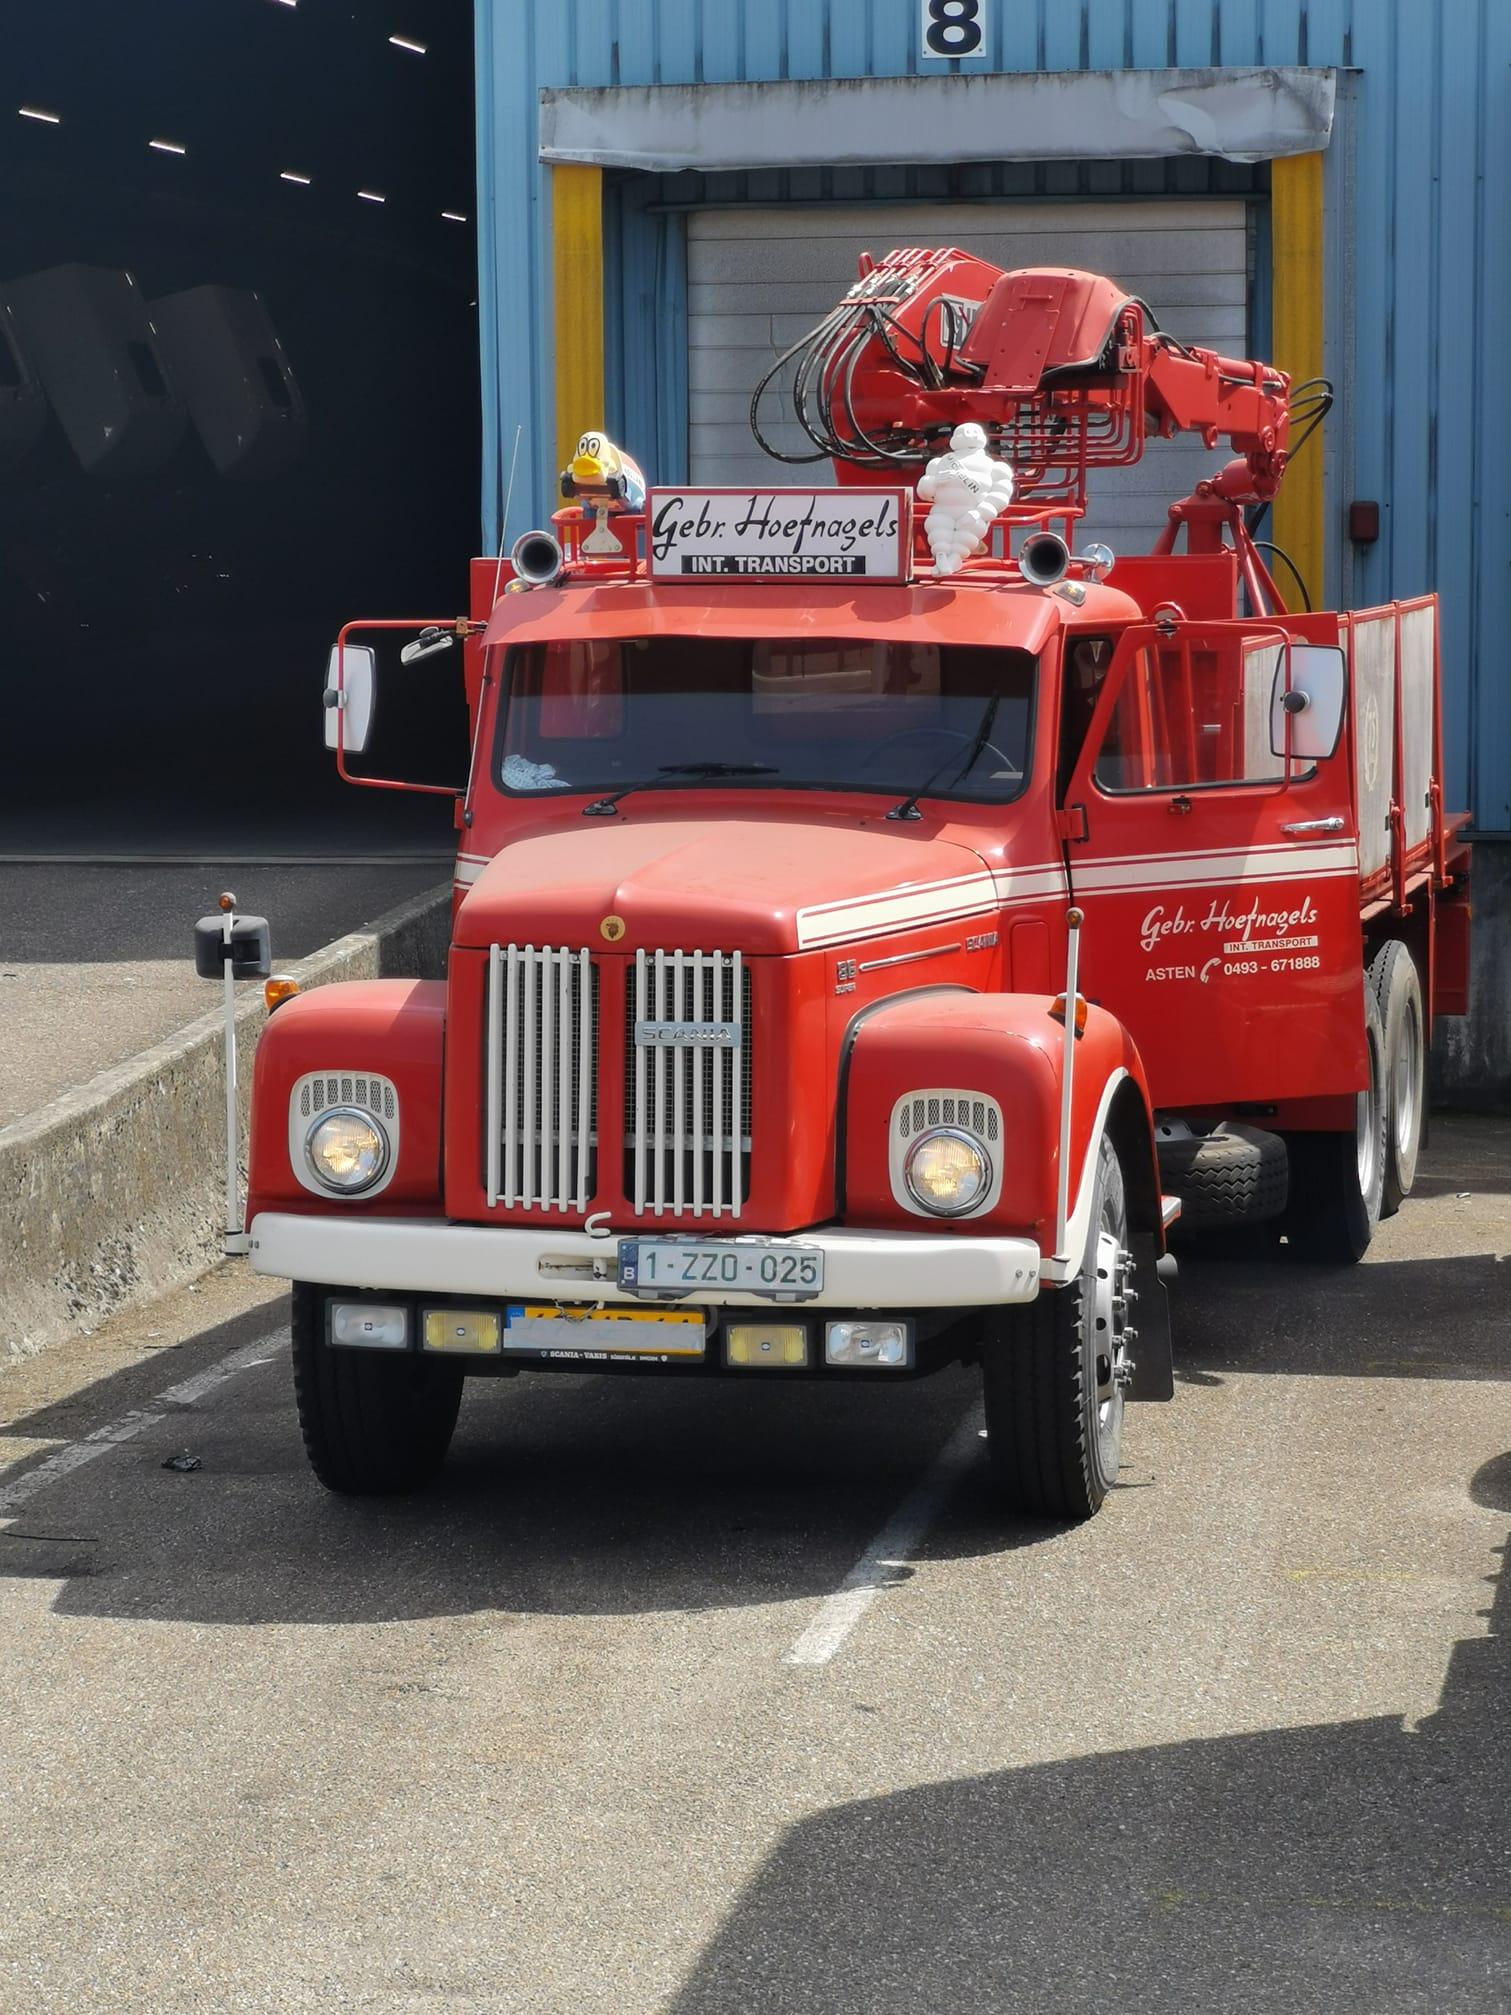 Scania-Vabis-super